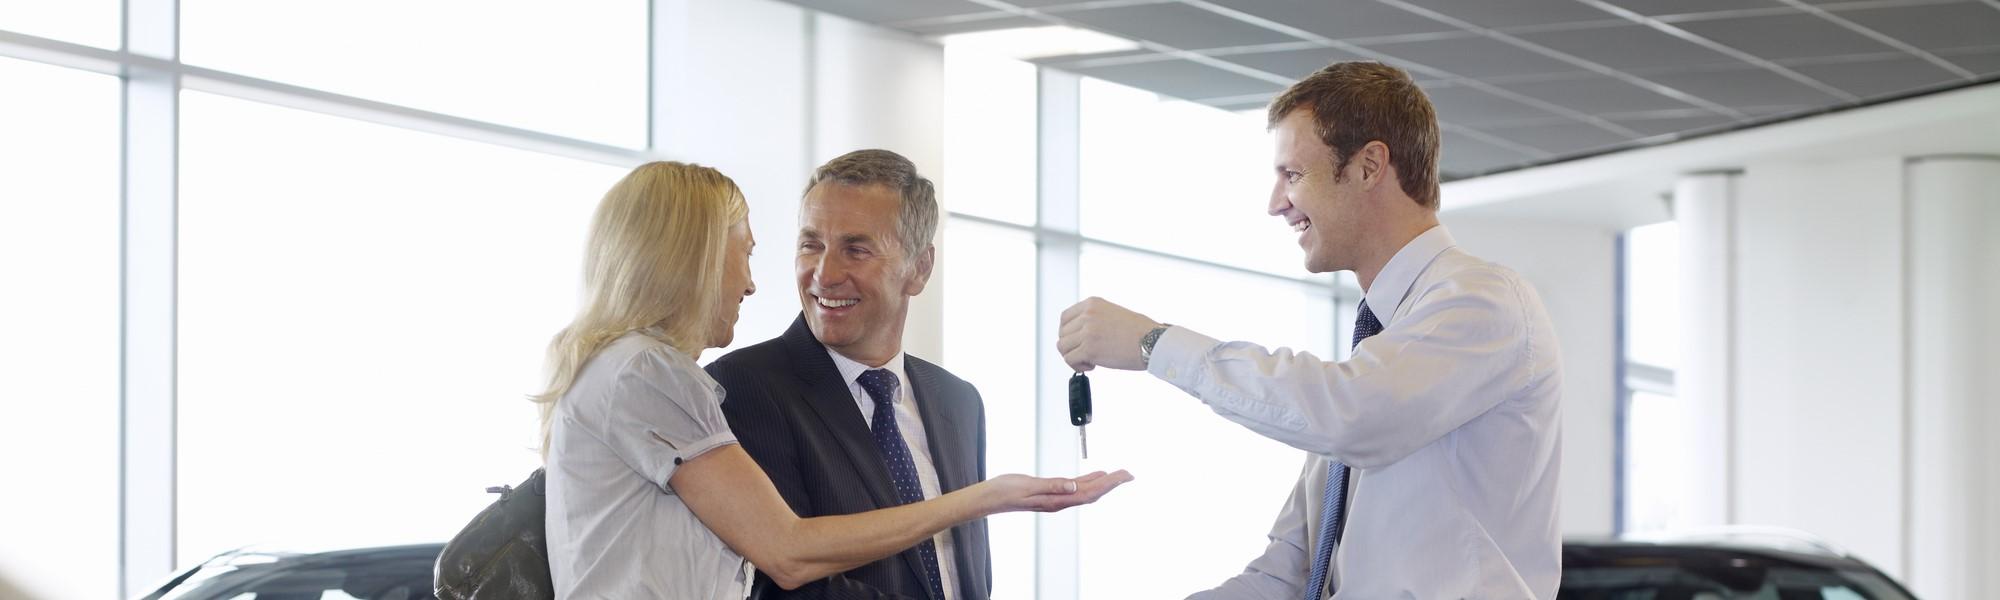 Salesman handing car keys to happy couple in showroom [108359372]